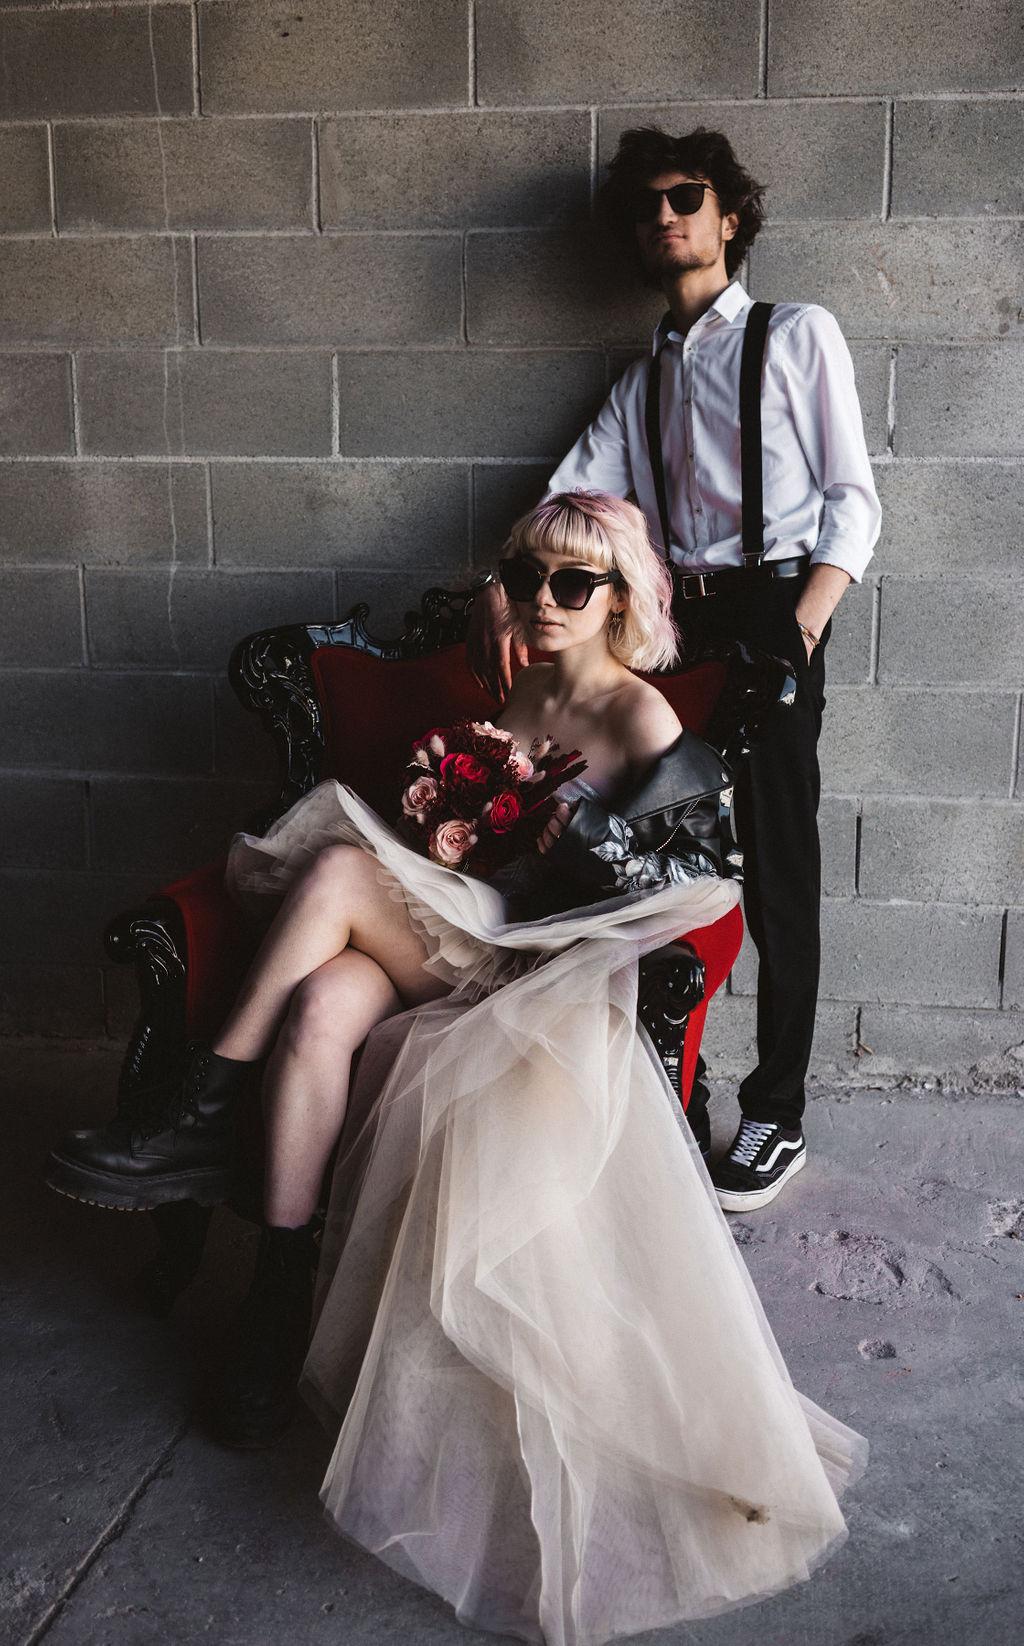 modern industrial wedding - alternative wedding - unconventional wedding - edgy wedding - cool wedding